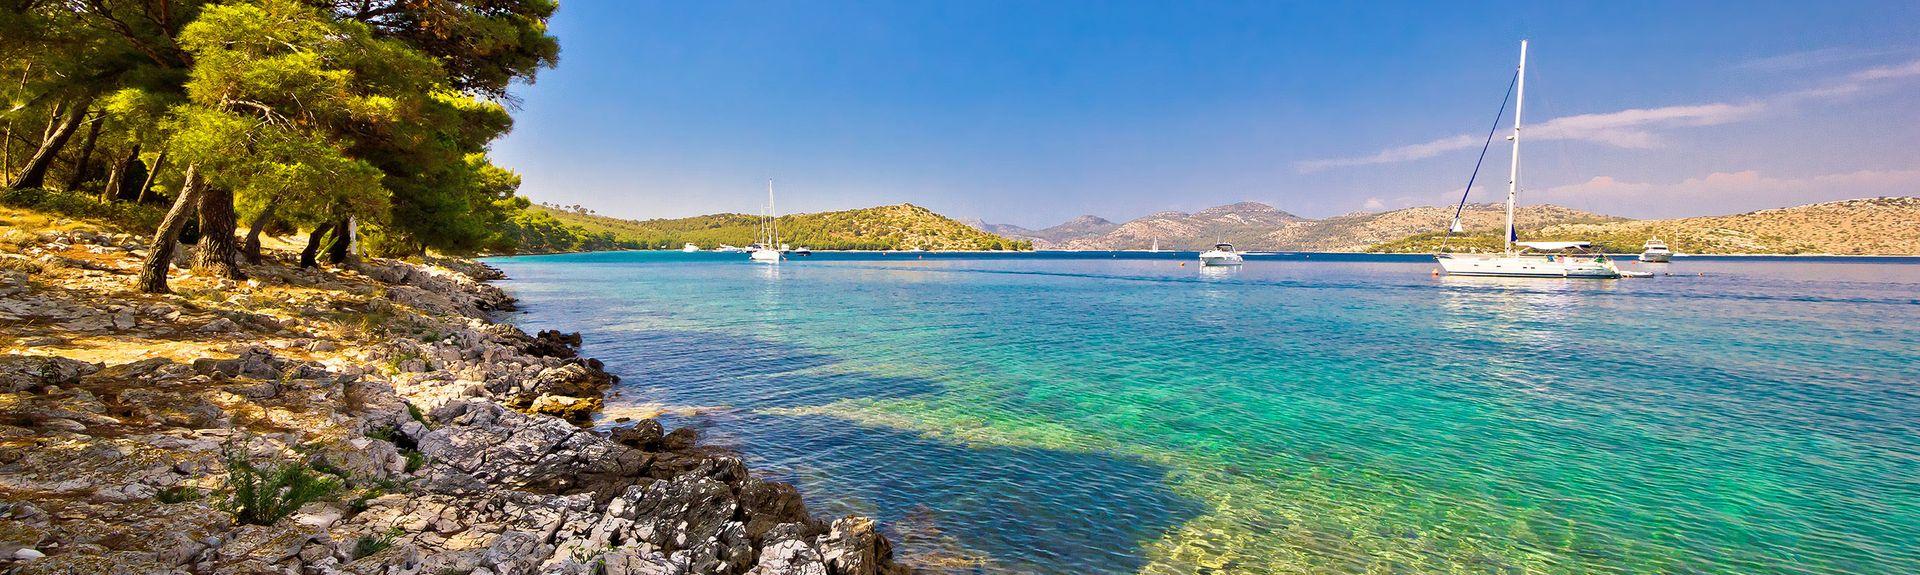 Île de Dugi Otok, Comitat de Zadar, Croatie